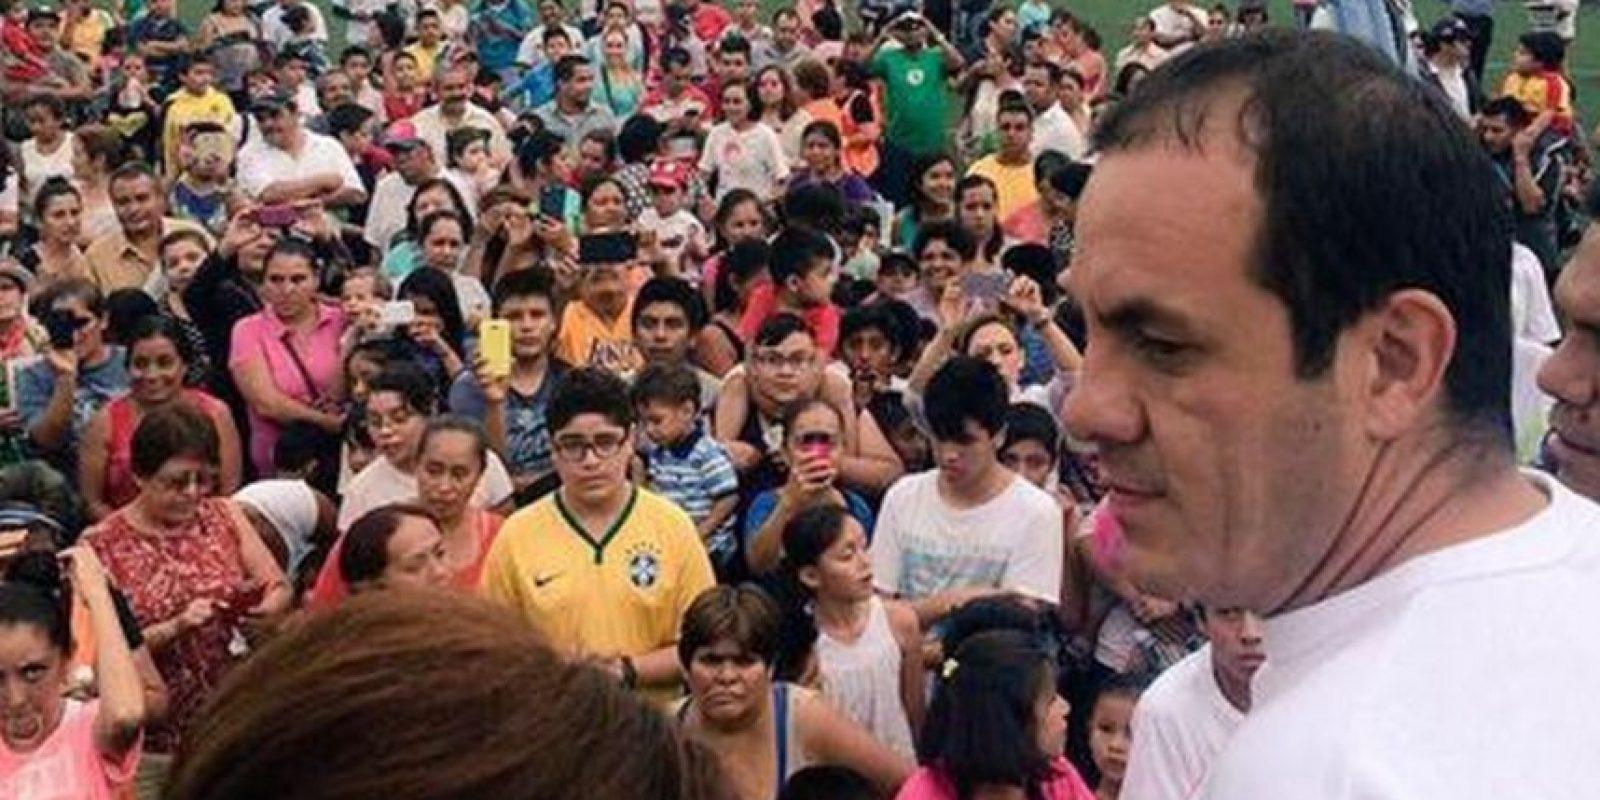 Cuauhtémoc Blanco. Después de retirarse se postuló para un cargo público, pero en la campaña pidió a la gente que votara por otro partido. Foto:Via twitter.com/cuauhtemocb10